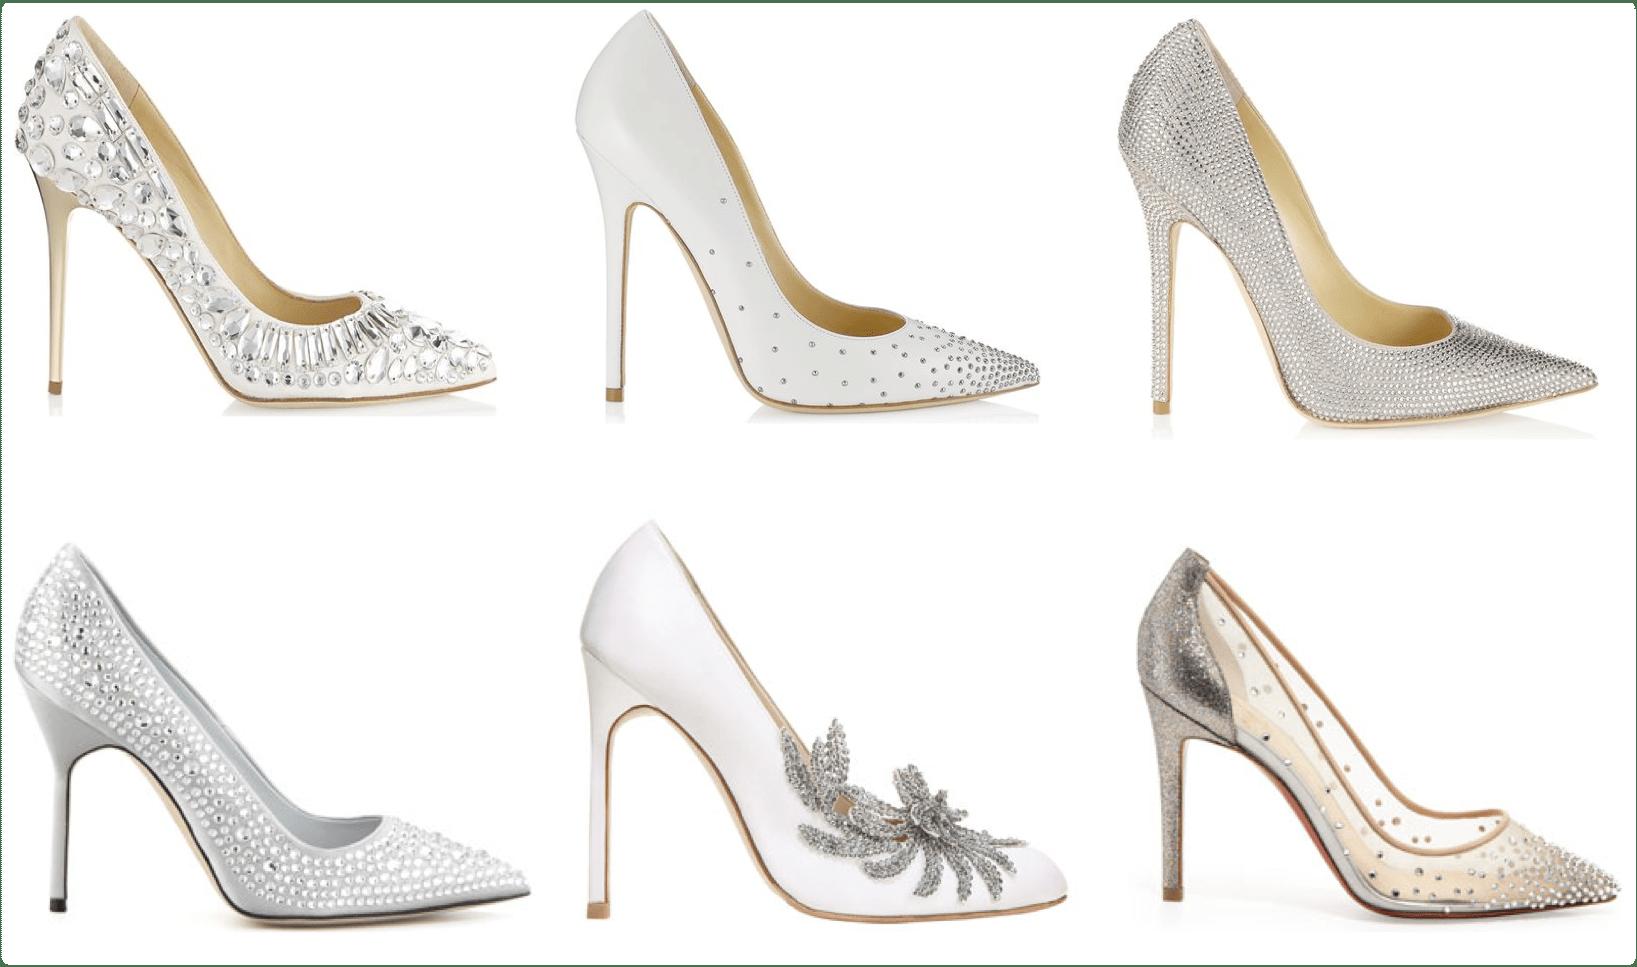 manolo blahnik bridal shoes 2014